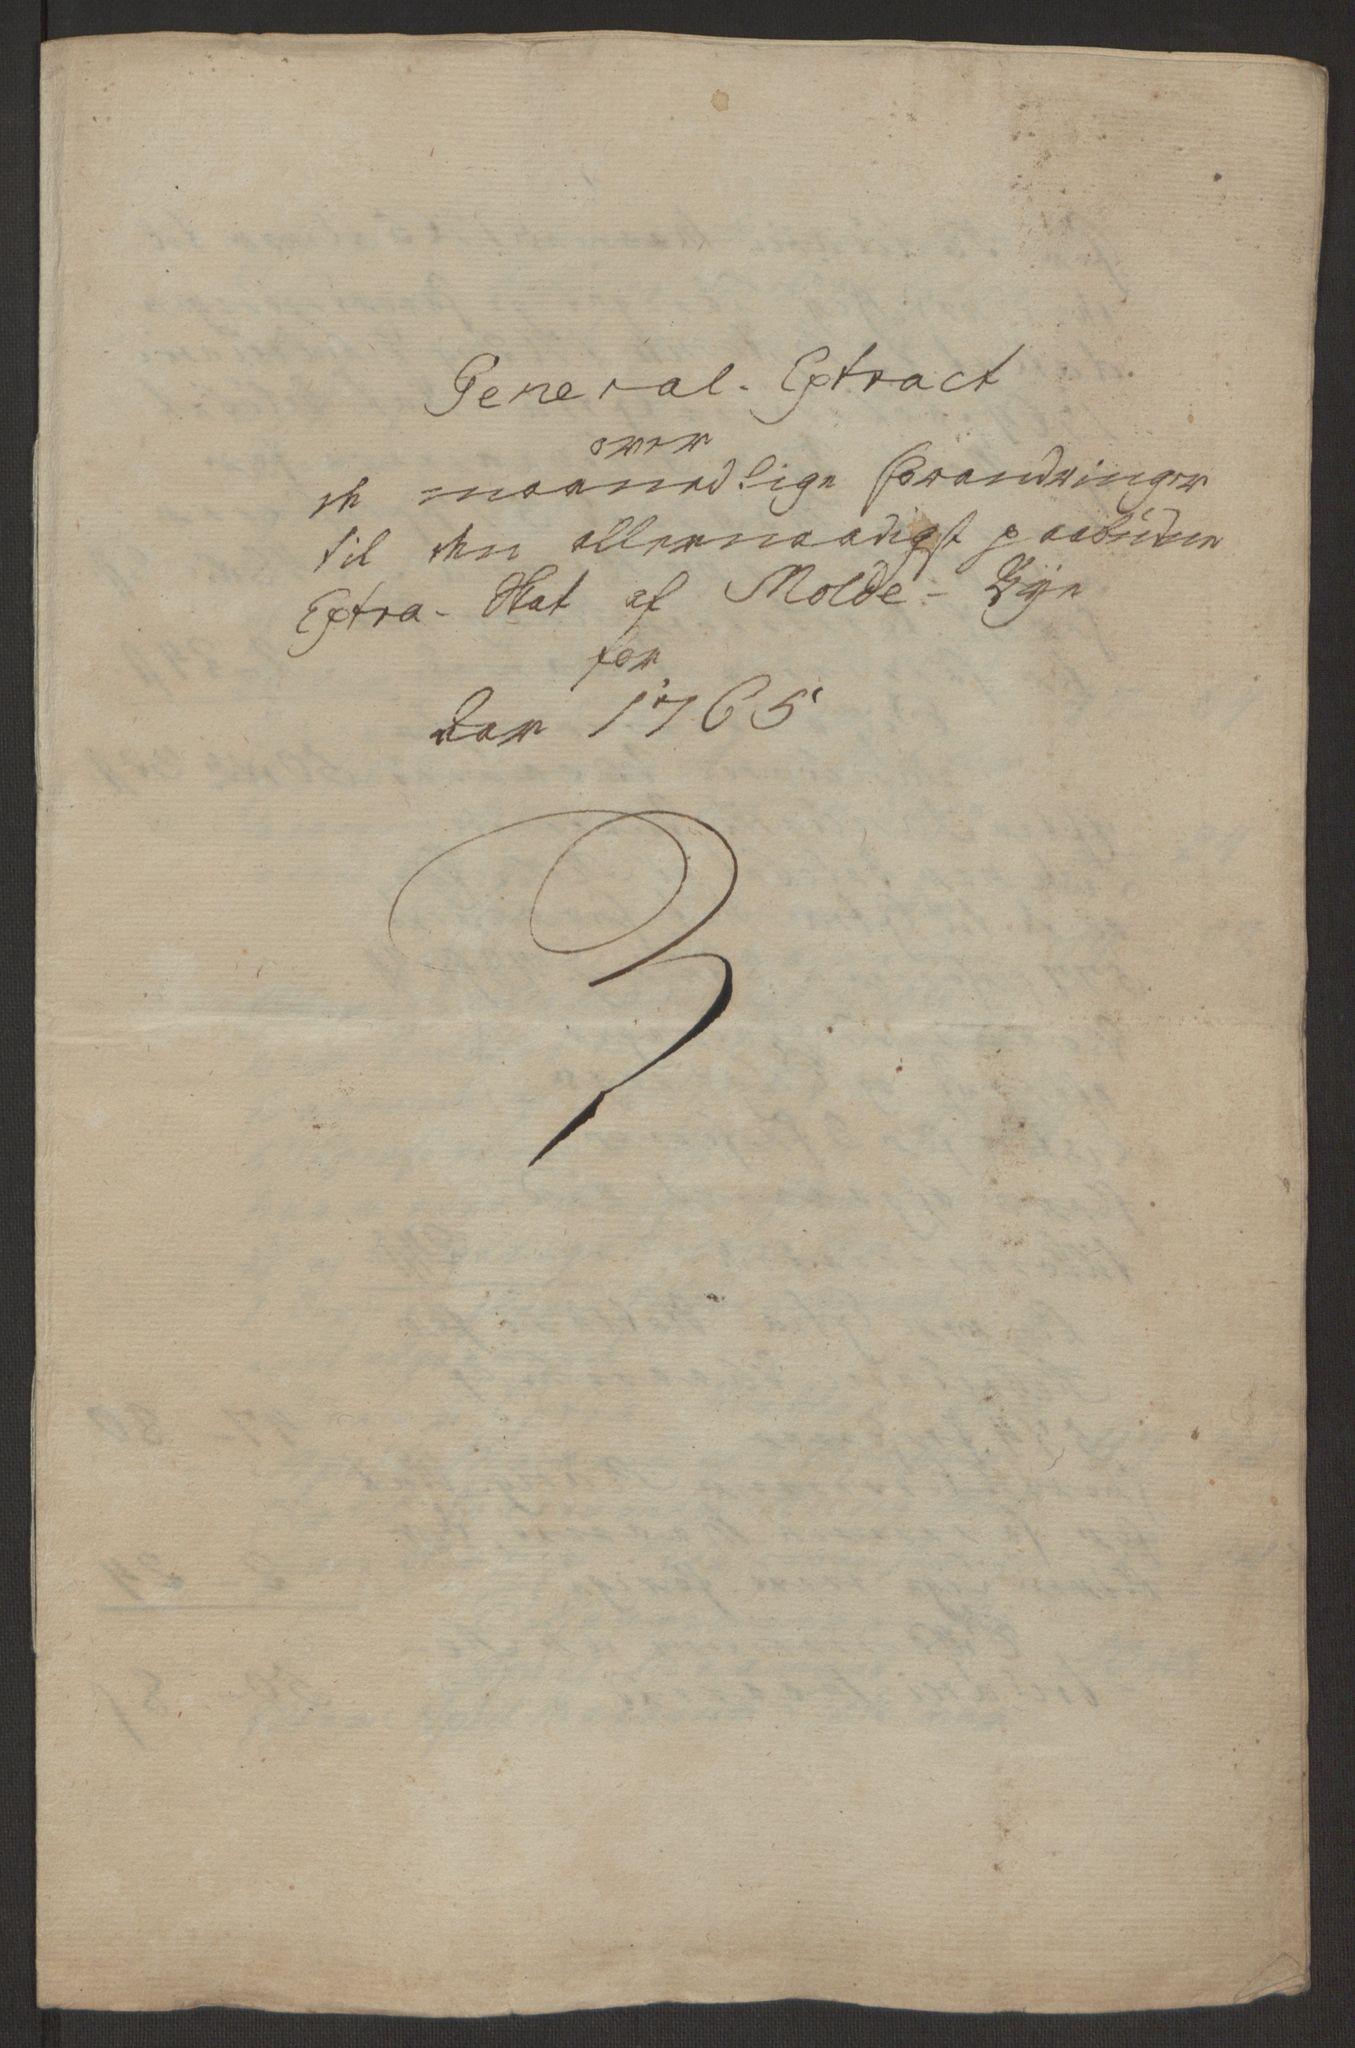 RA, Rentekammeret inntil 1814, Reviderte regnskaper, Byregnskaper, R/Rq/L0487: [Q1] Kontribusjonsregnskap, 1762-1772, s. 115